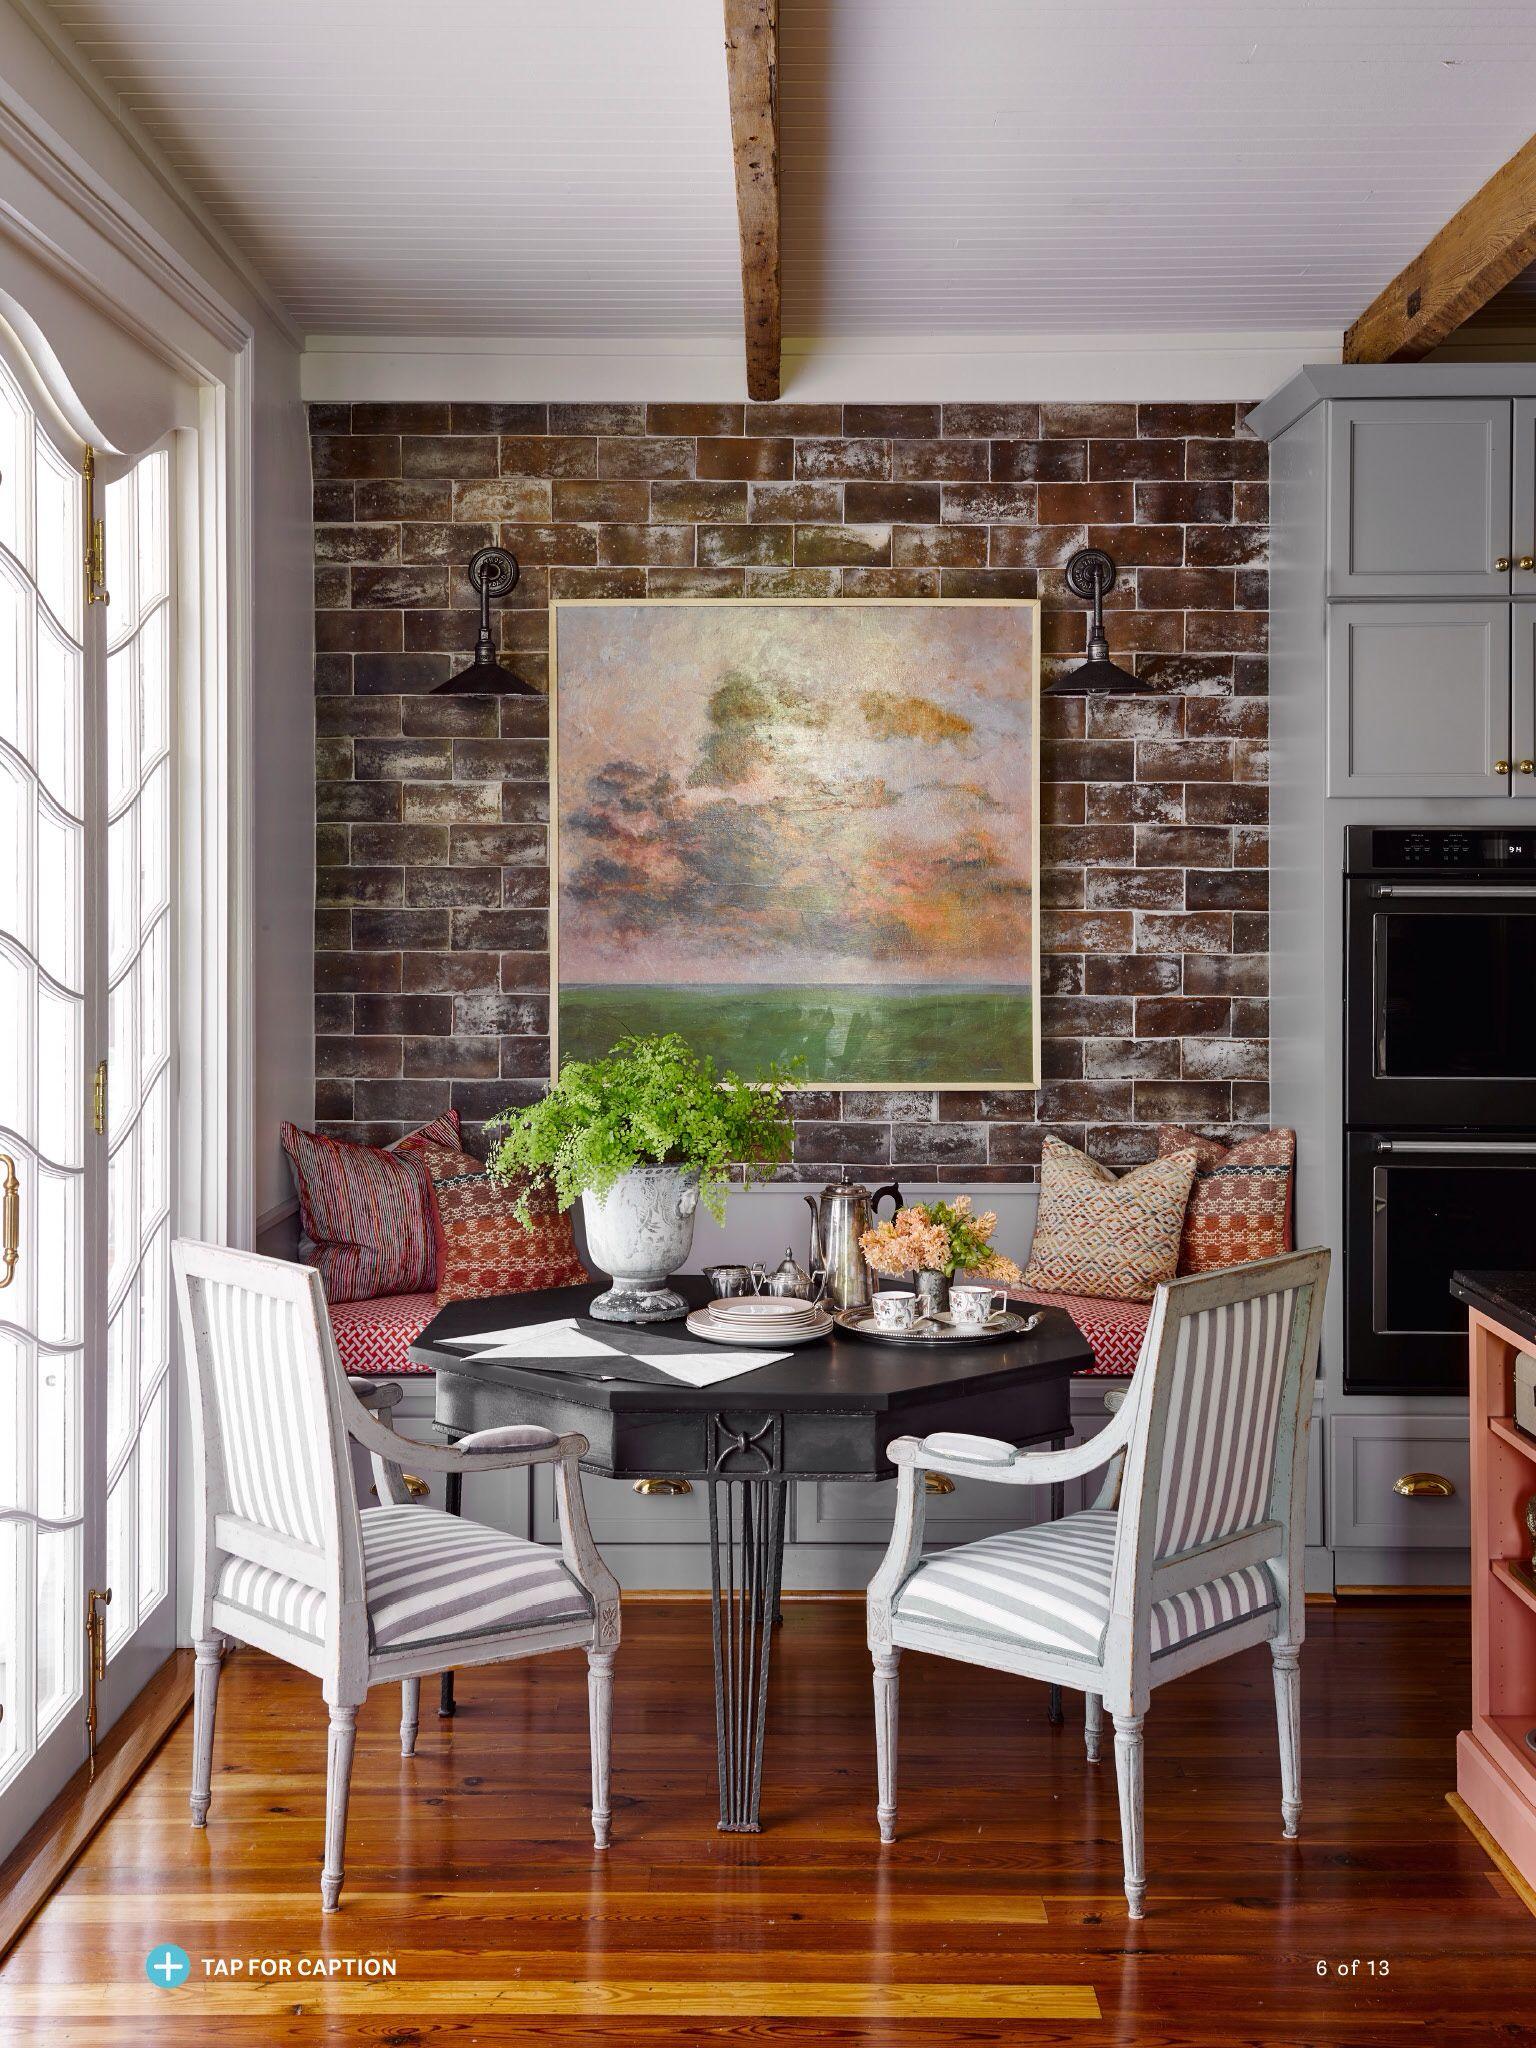 New Orleans kitchen. | Home D&D | Pinterest | Recetas de cocina ...